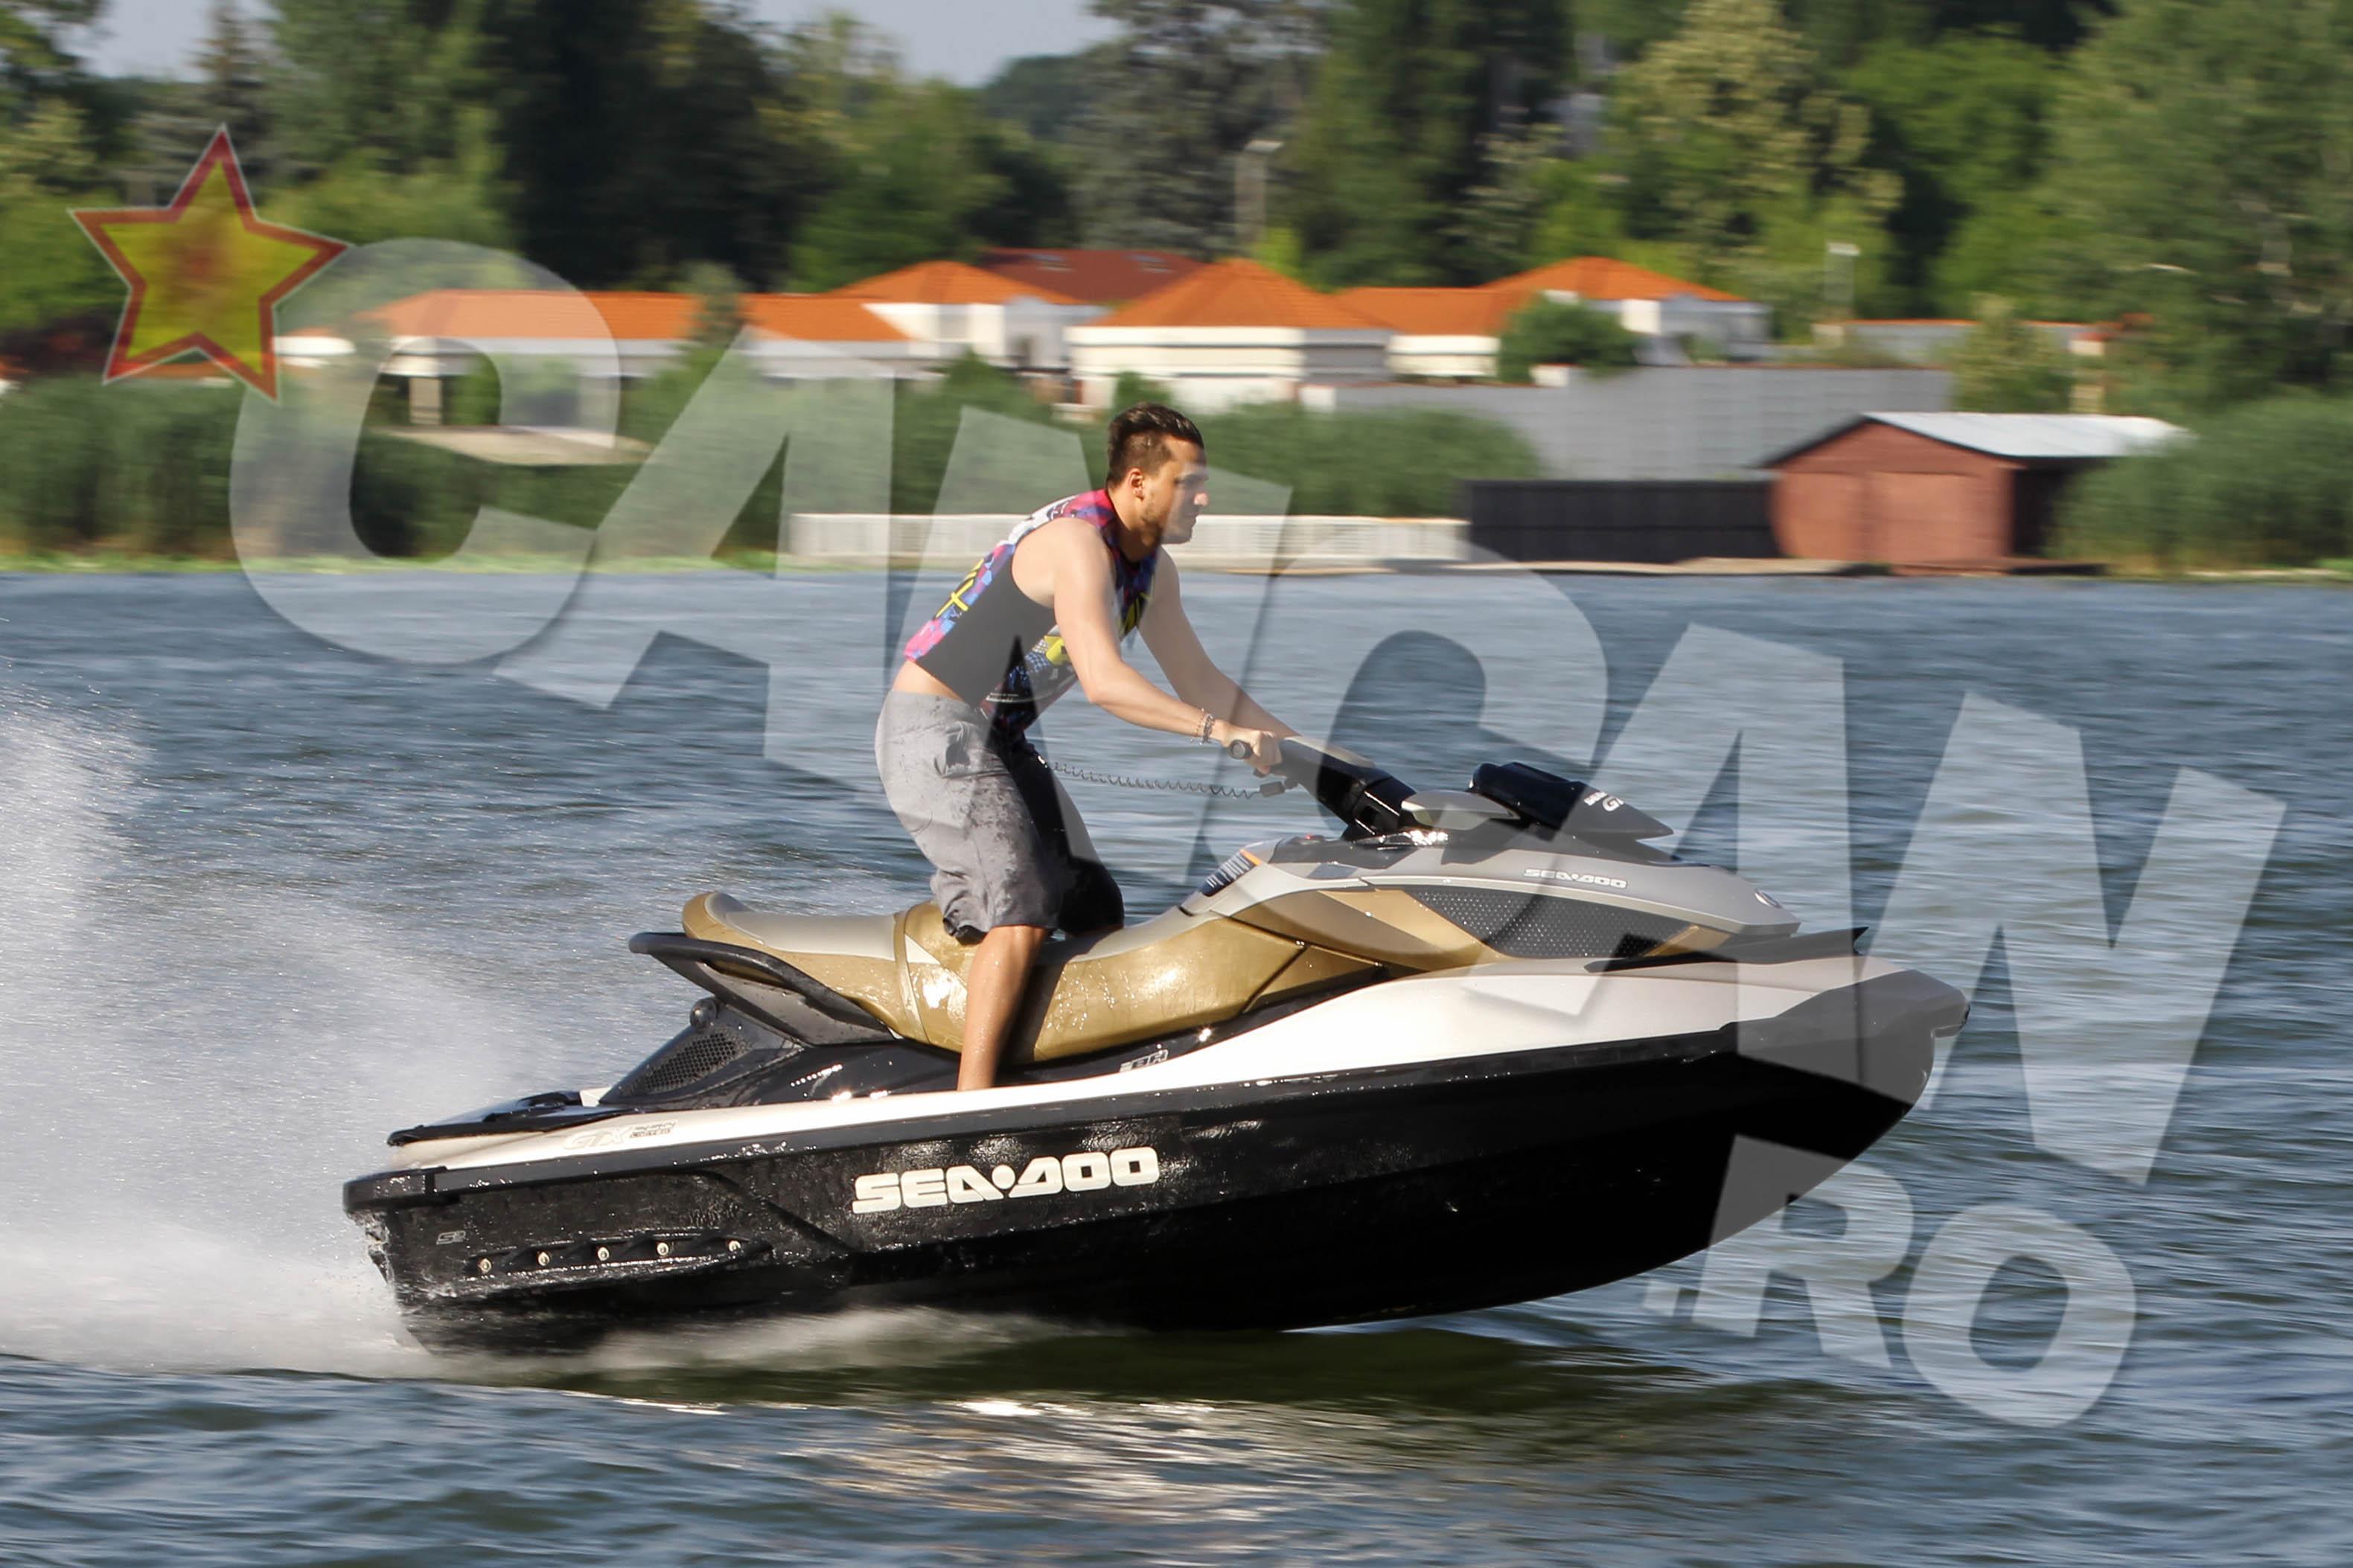 Dani Olaroiu a facut insa senzatie pe un scuter de apa de ultima generatie, de aproape 18.000 de euro